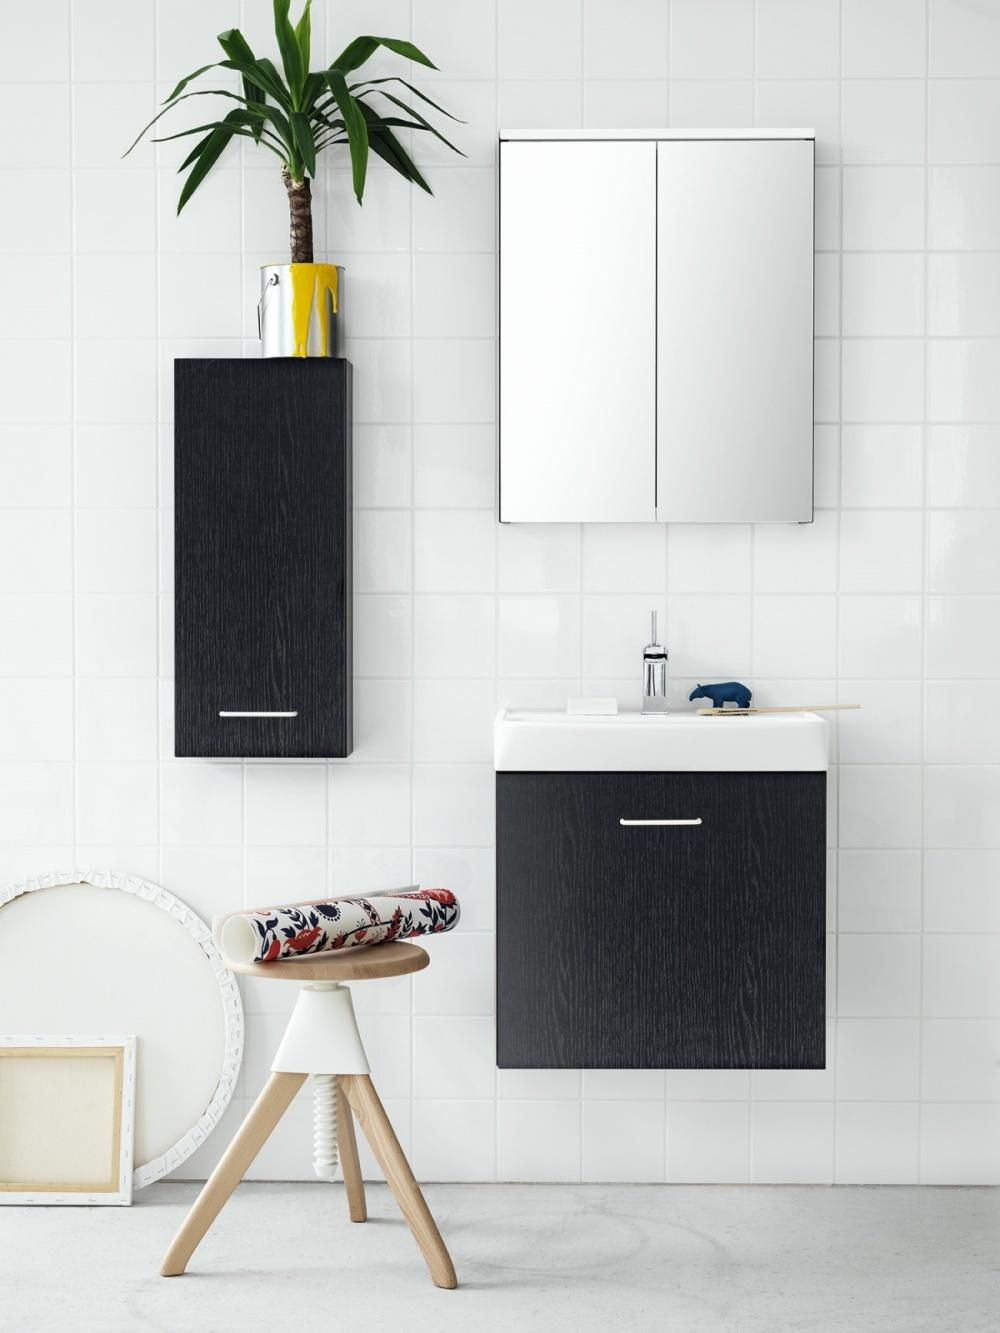 Bild tagen framifrån på badrumsmöbler. Ett svart badrumsskåp med tvättställ och en låda. Ovanför sitter ett spegelskåp med två dörrar och till vänster ett vägghängt svart skåp.